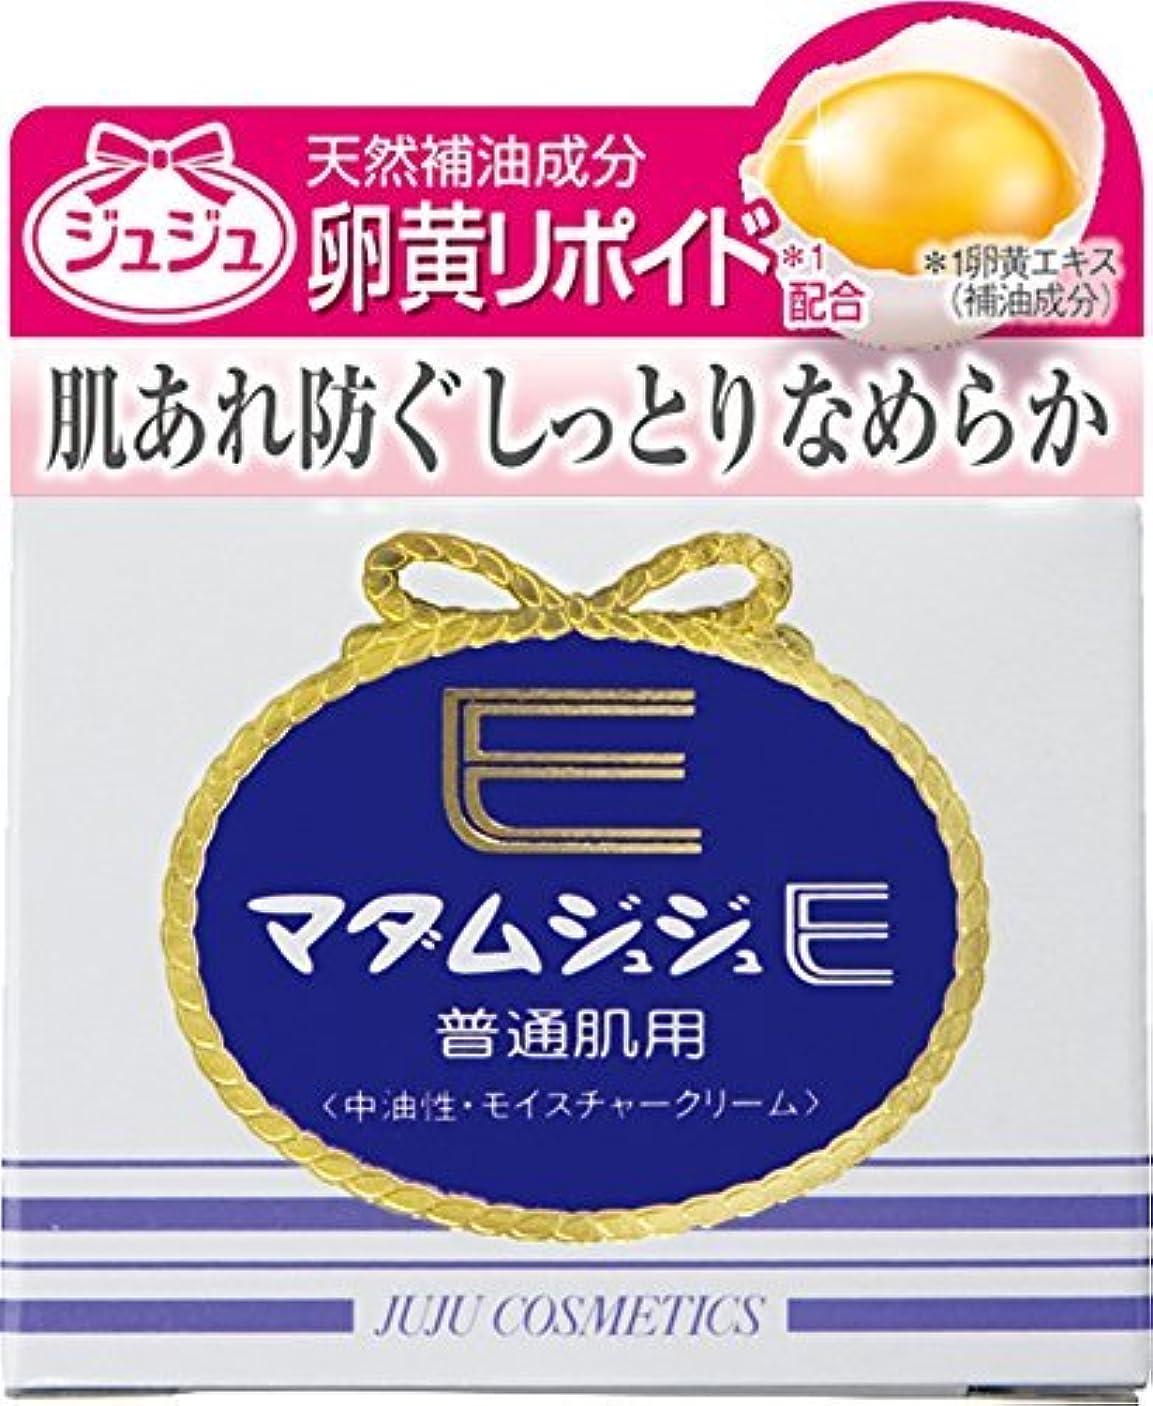 取得咲く気怠いマダムジュジュE クリーム ビタミンE+卵黄リポイド配合 52g